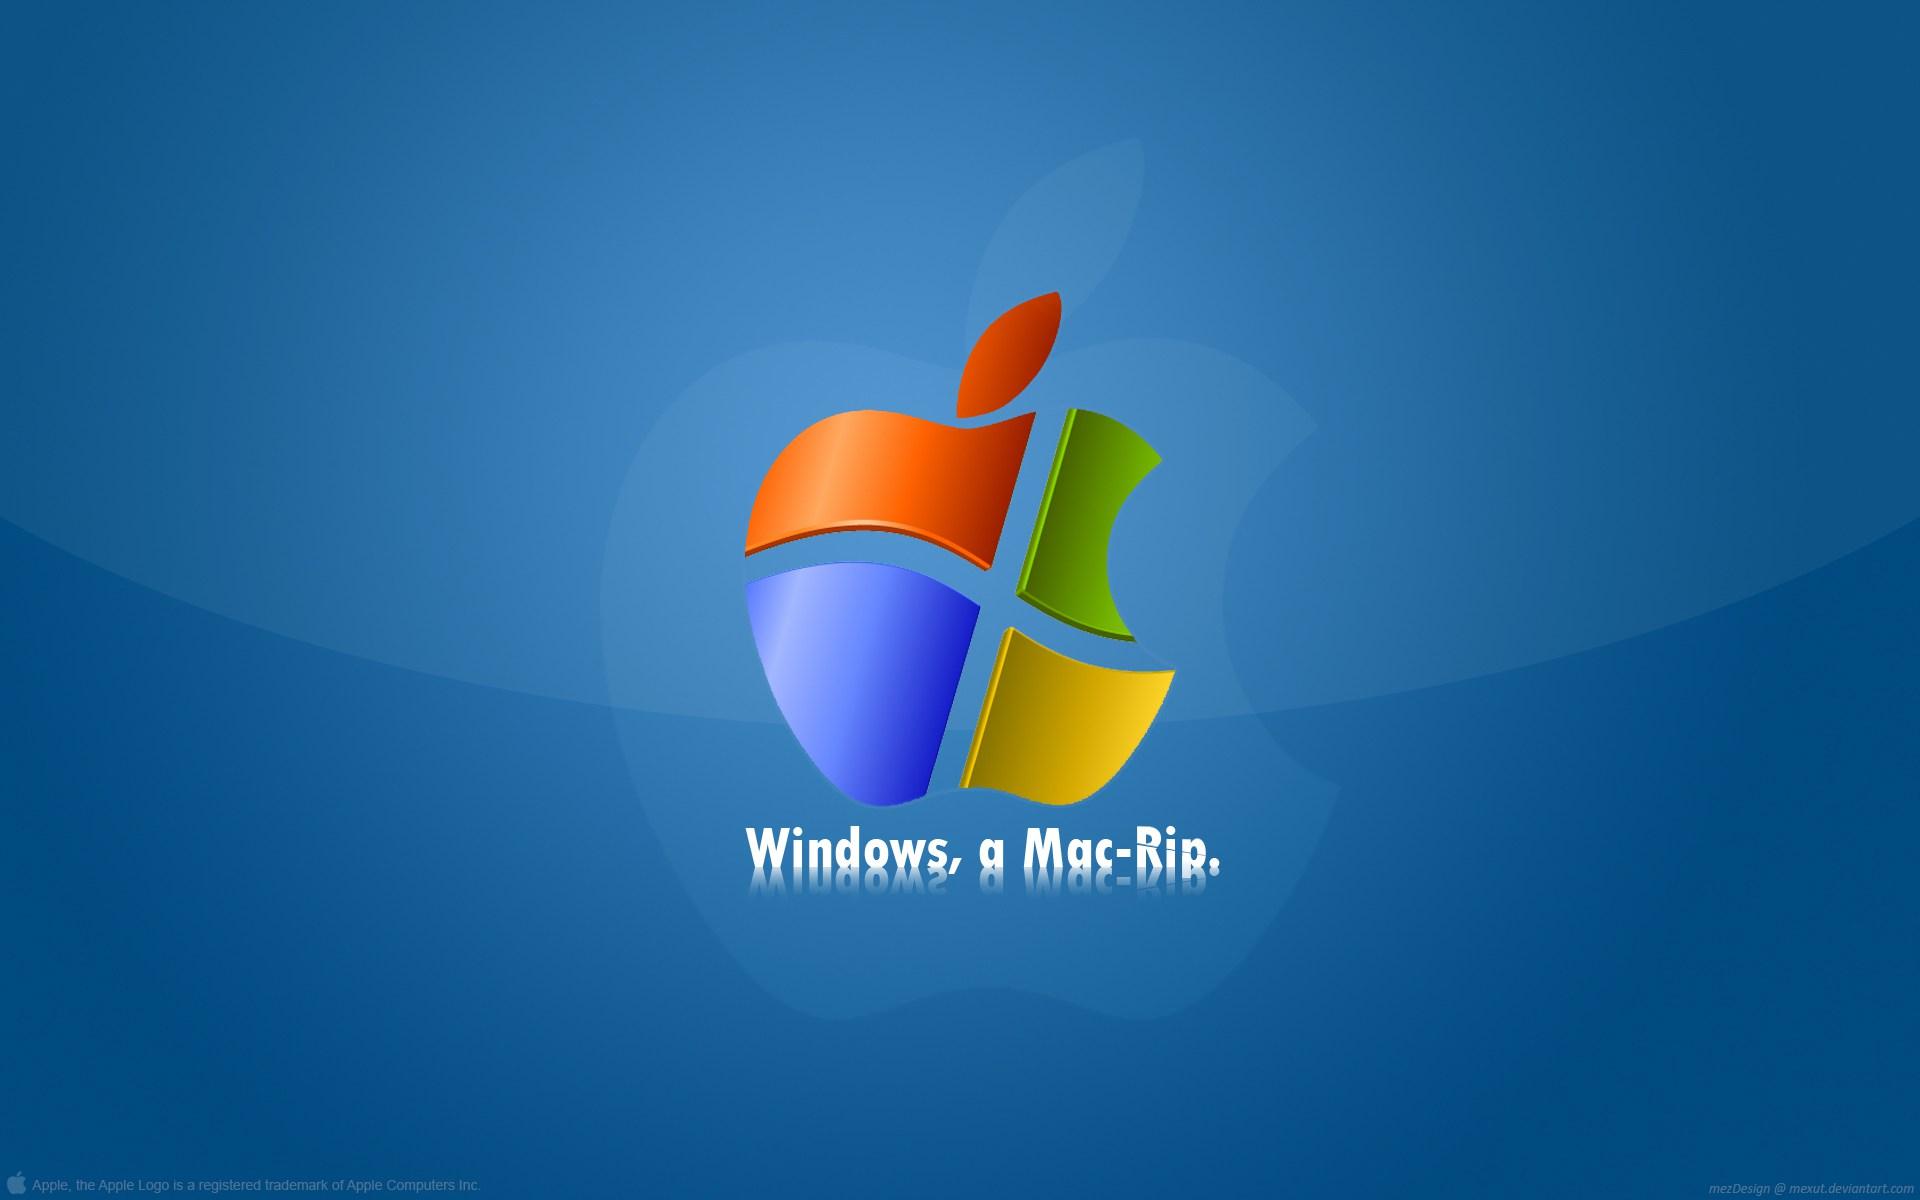 Windows 8 Wallpapers 130 High Resolution Desktop Backgrounds 1920x1200